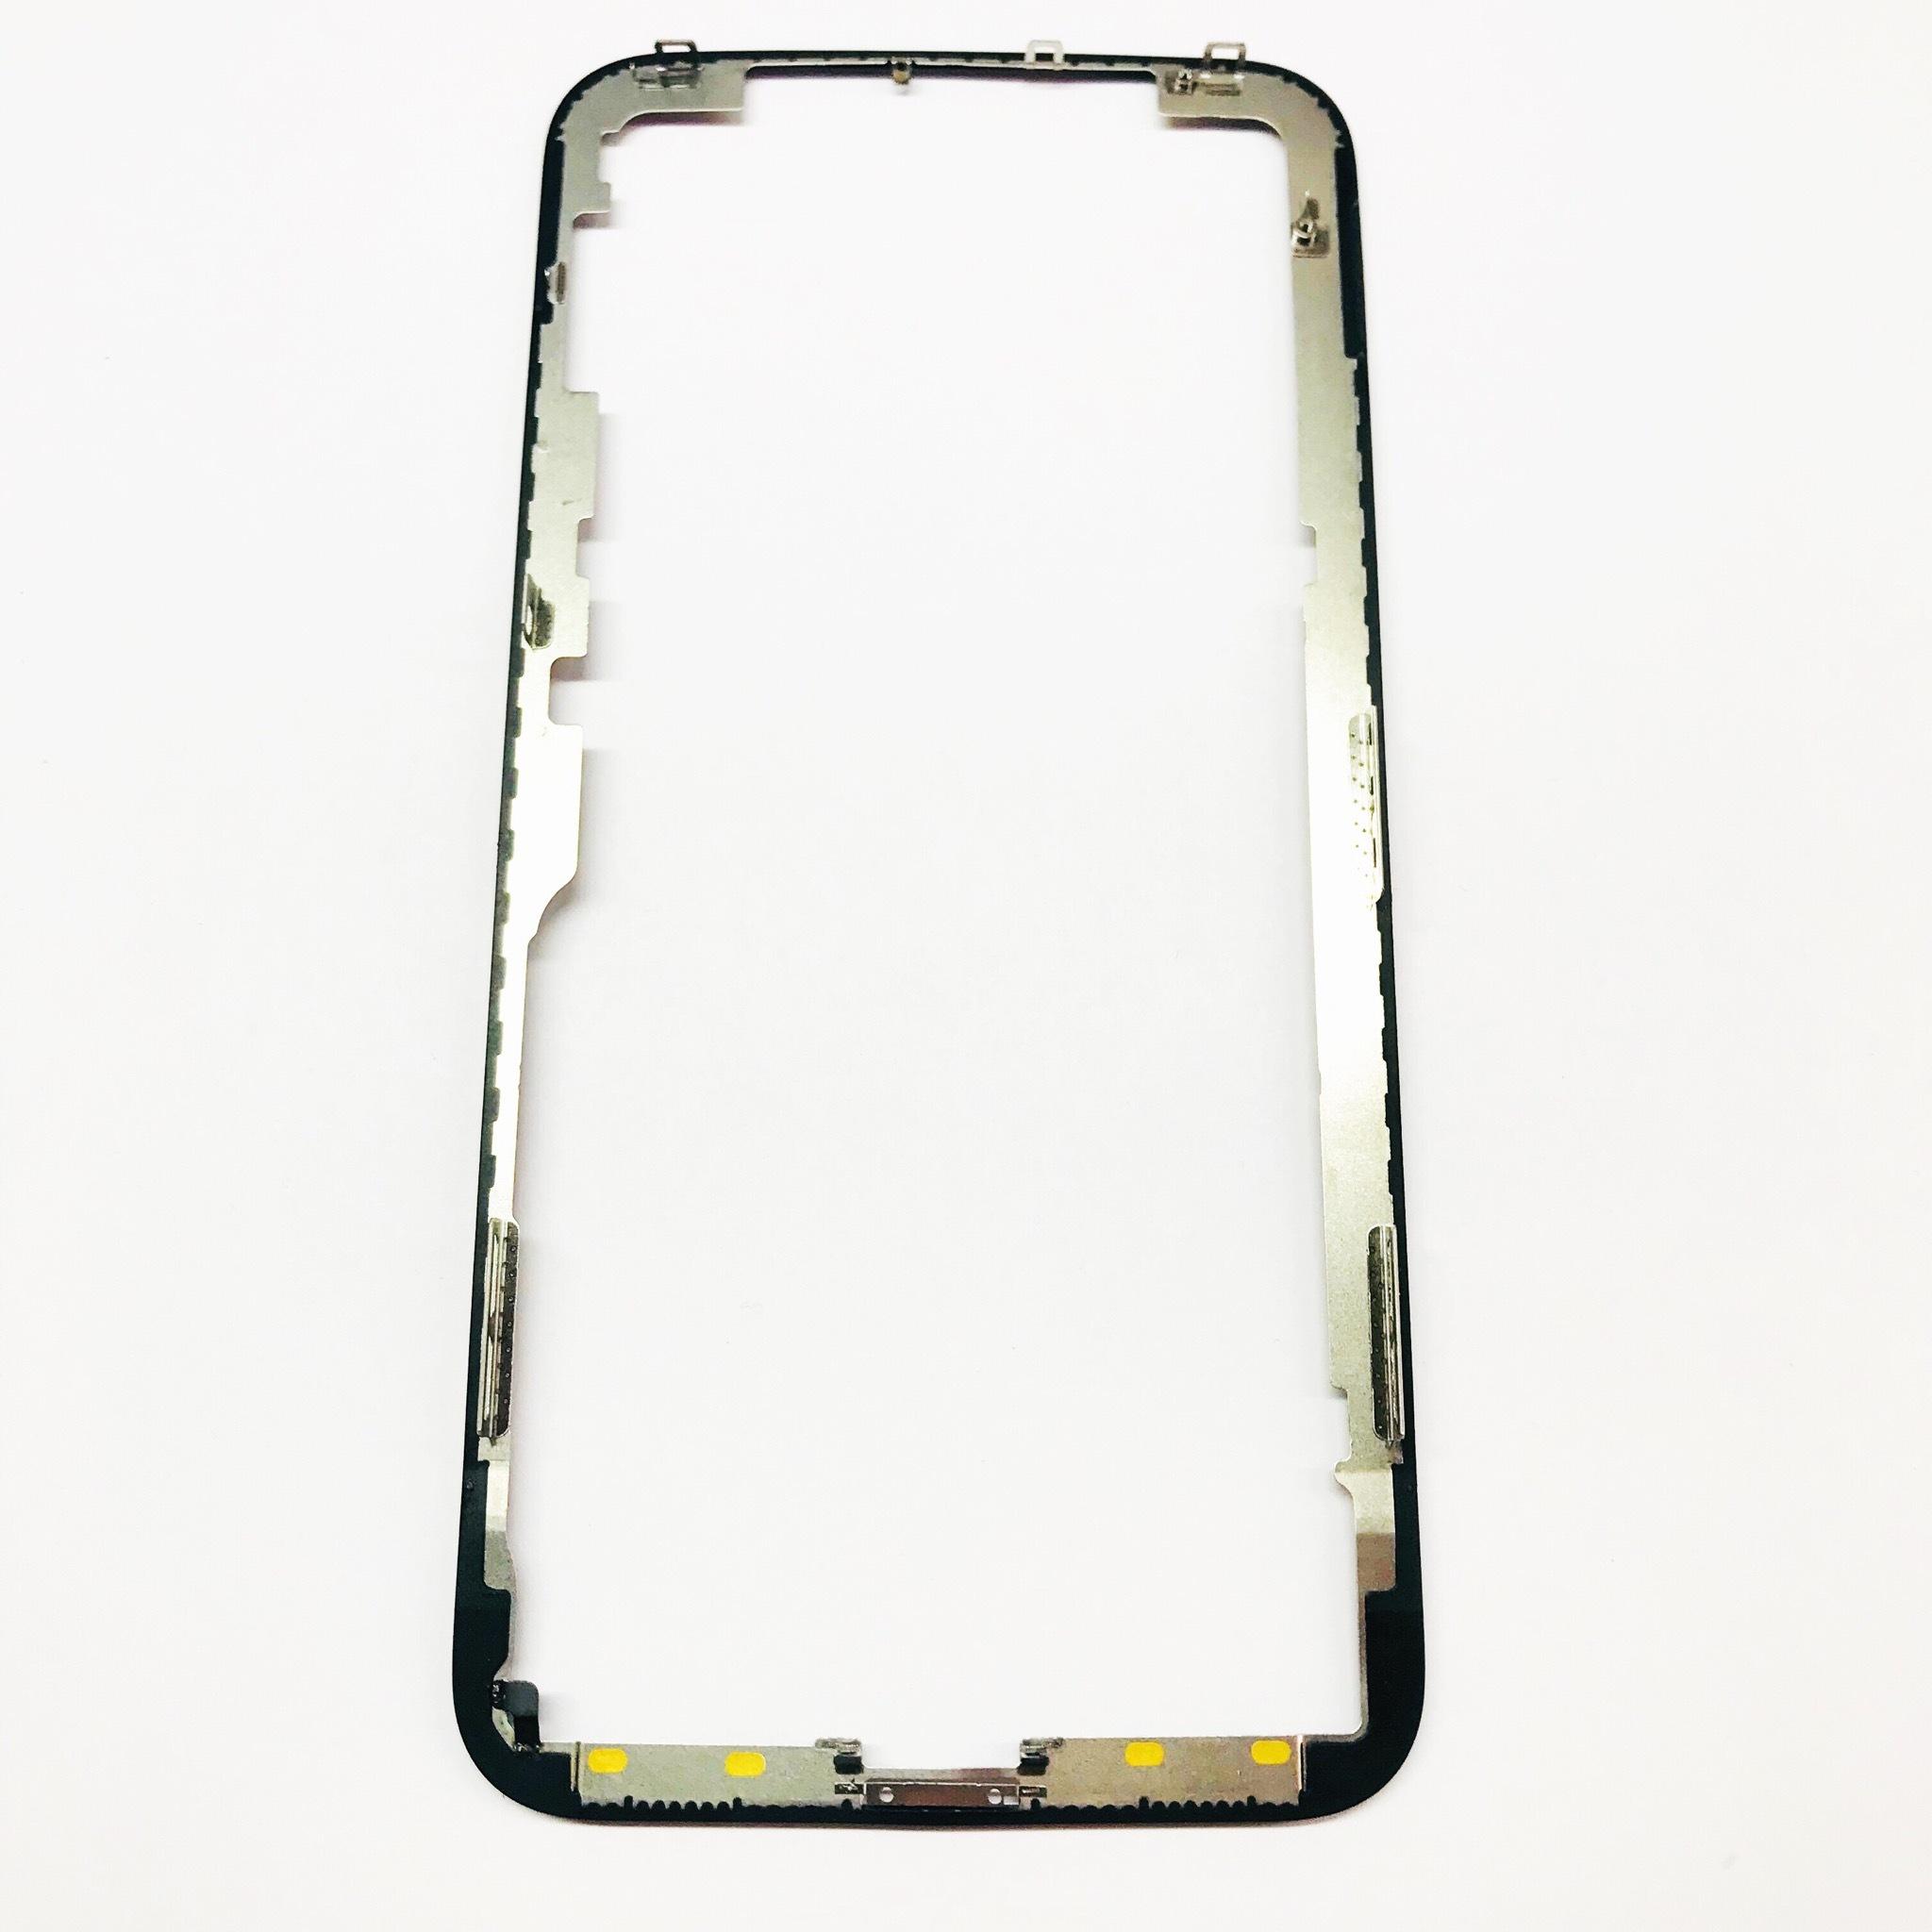 Картинка Рамка дисплея iPhone X (черная) от магазина NBS Parts